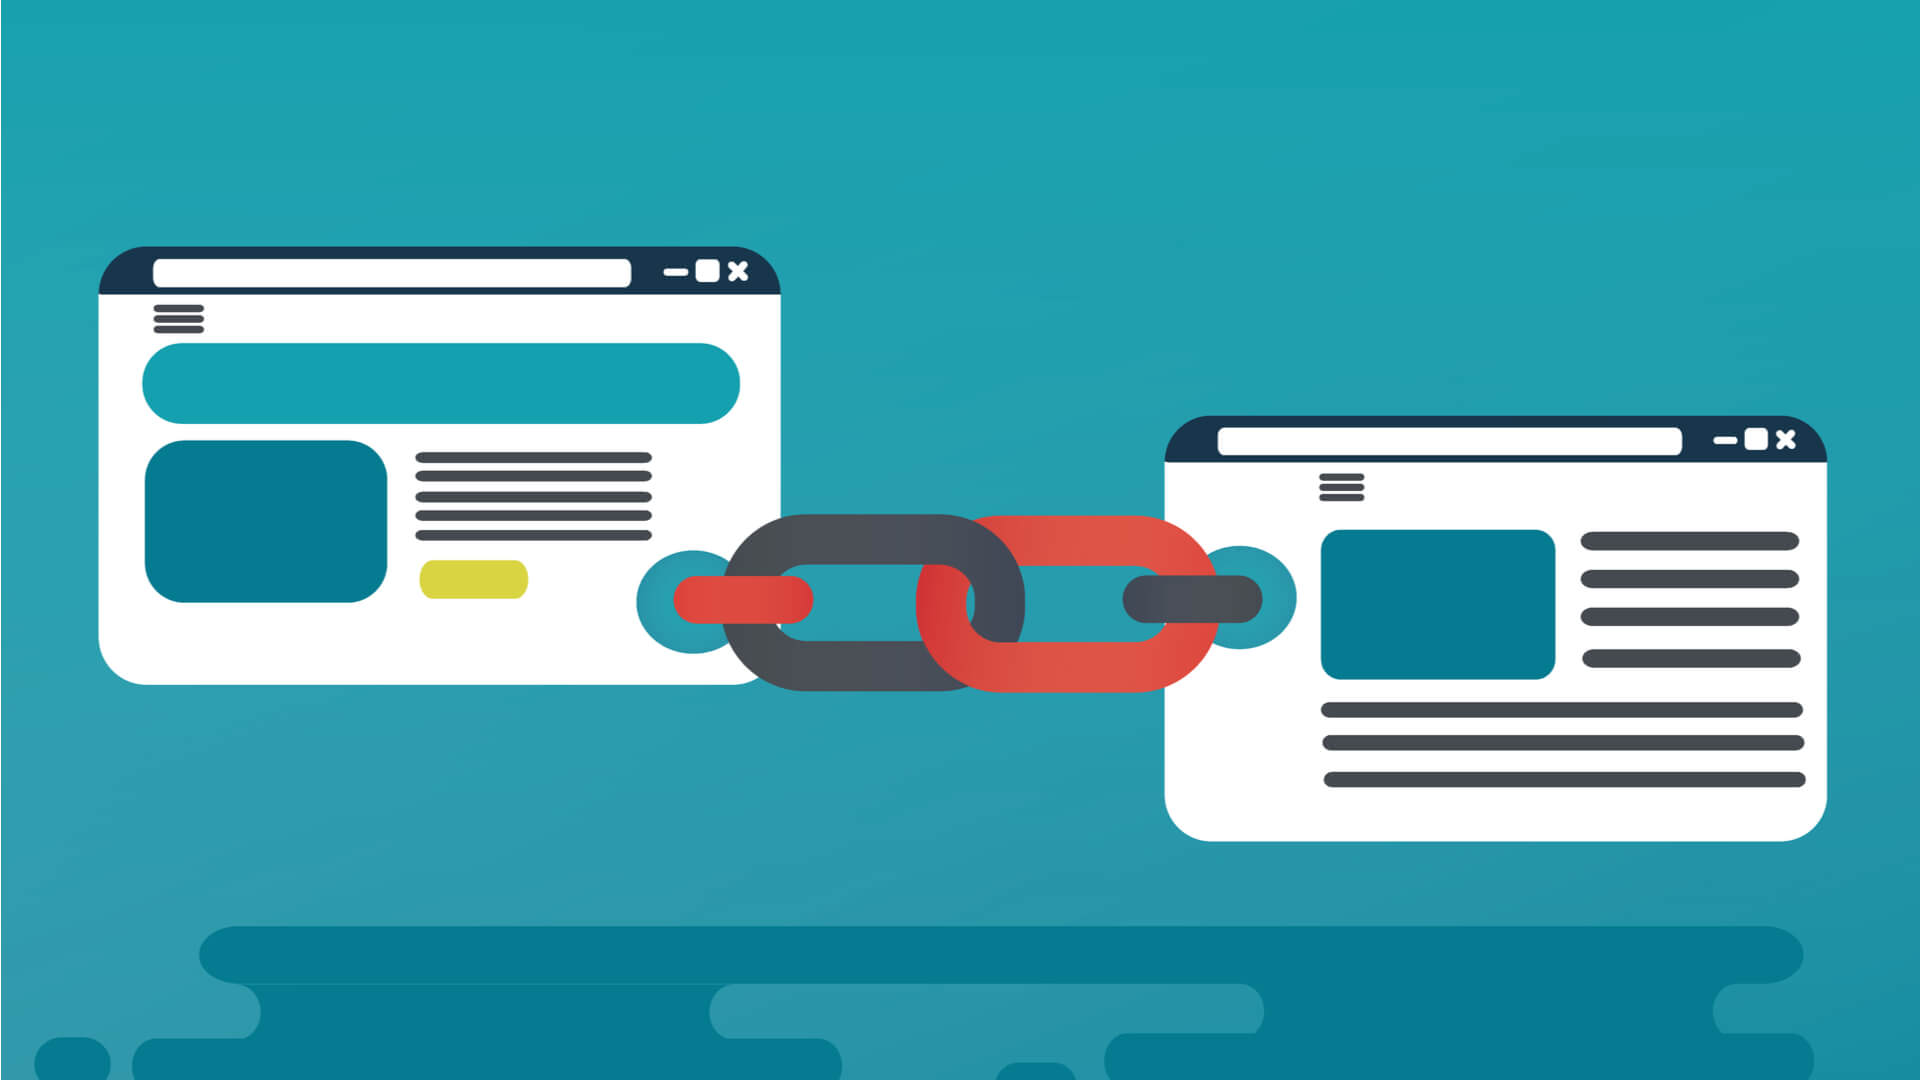 Case study: The tale of two internal link tweaks